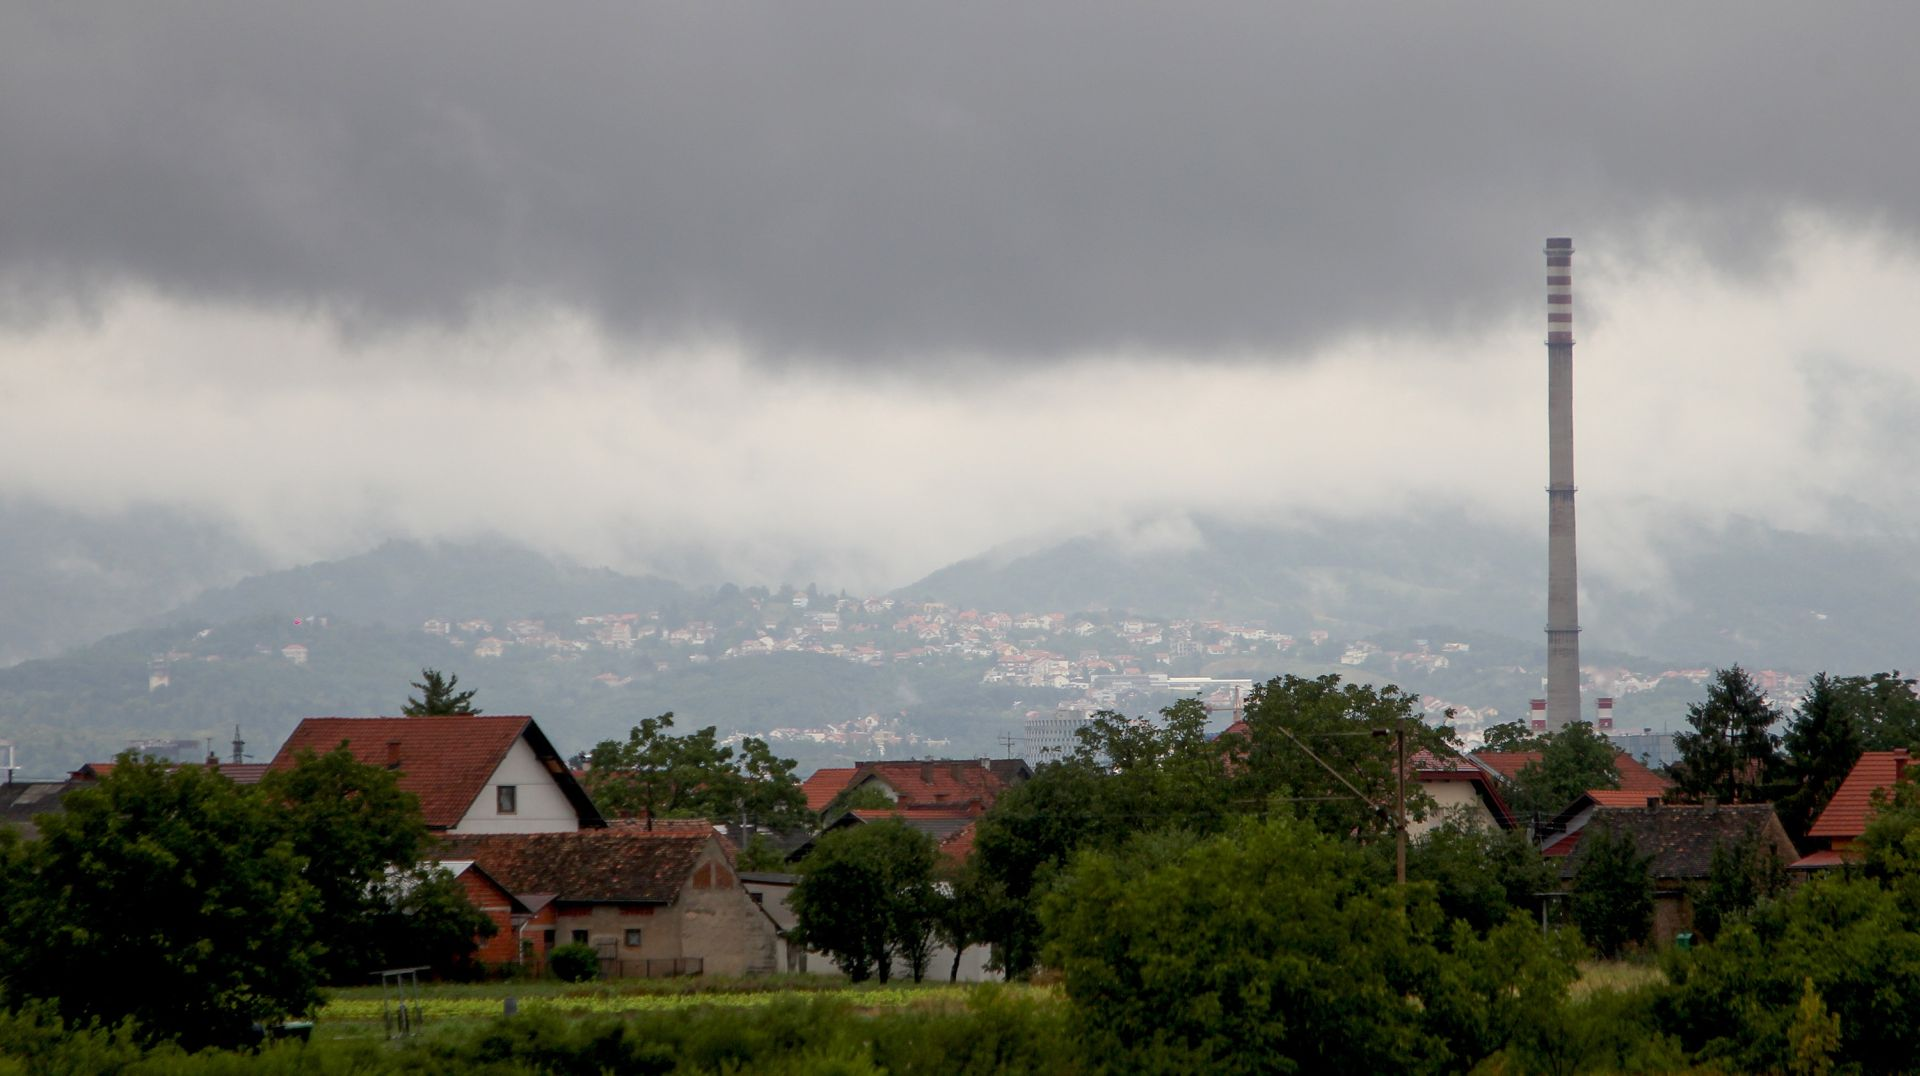 NA ZAVIŽANU TEK 9 STUPNJEVA Stiglo osvježenje, Zagreb se probudio na 17 stupnjeva